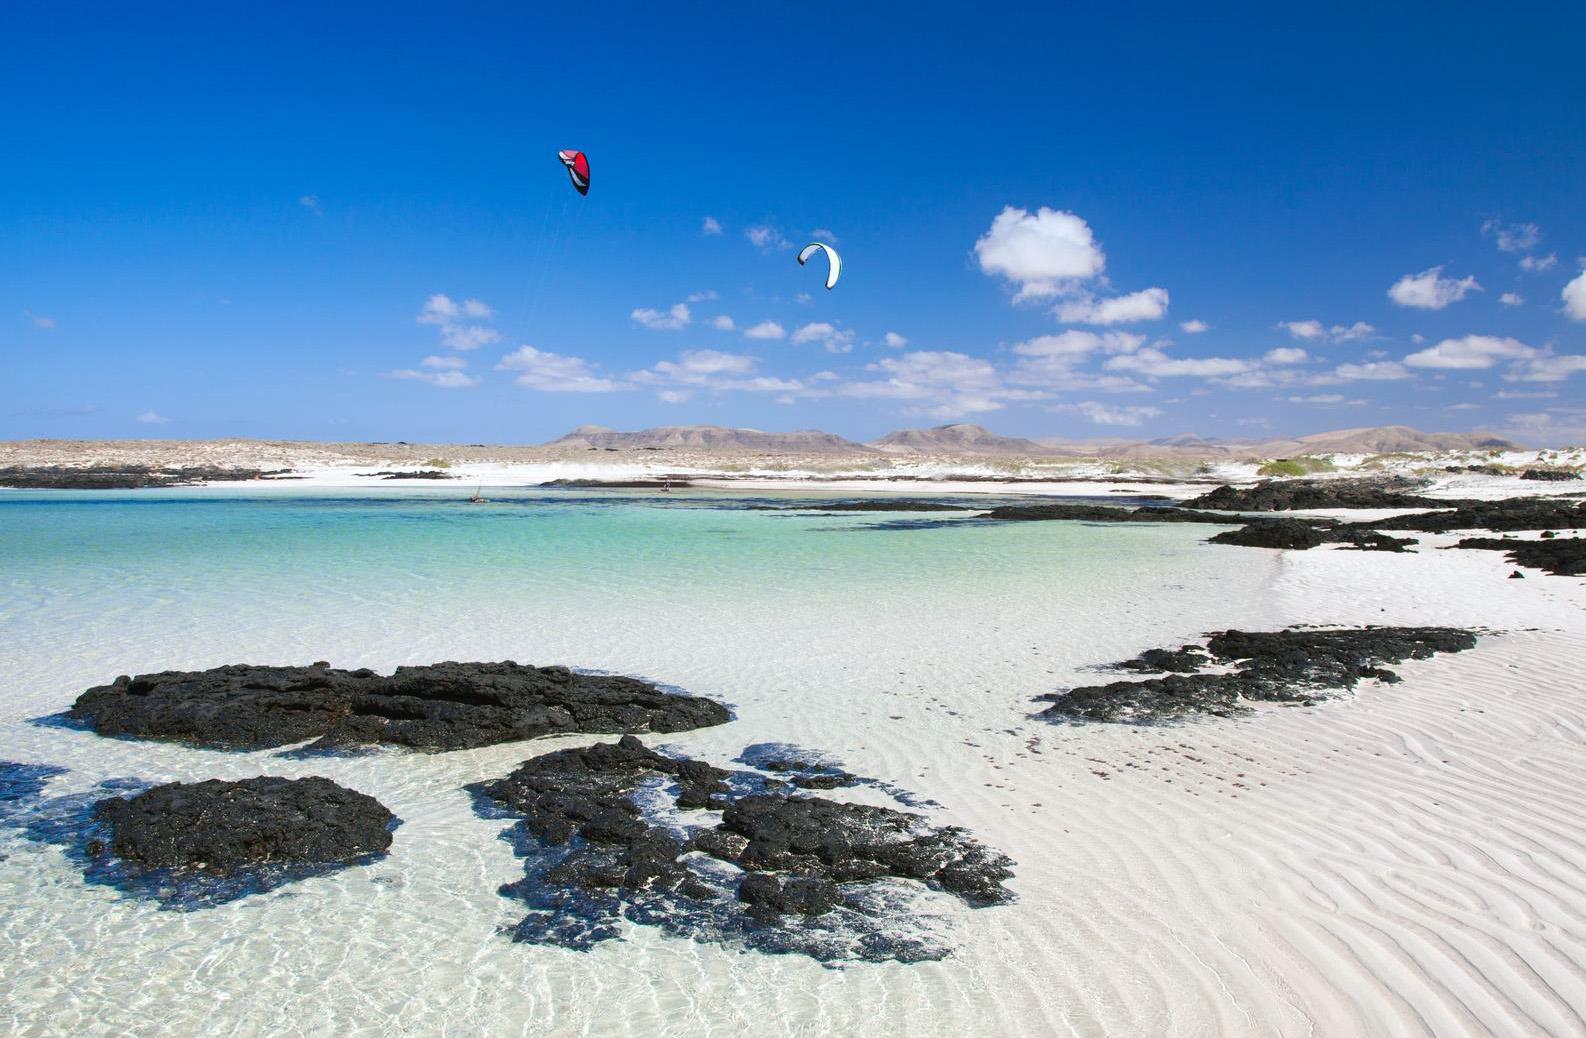 Fuerteventura (Puerto del Rosario)